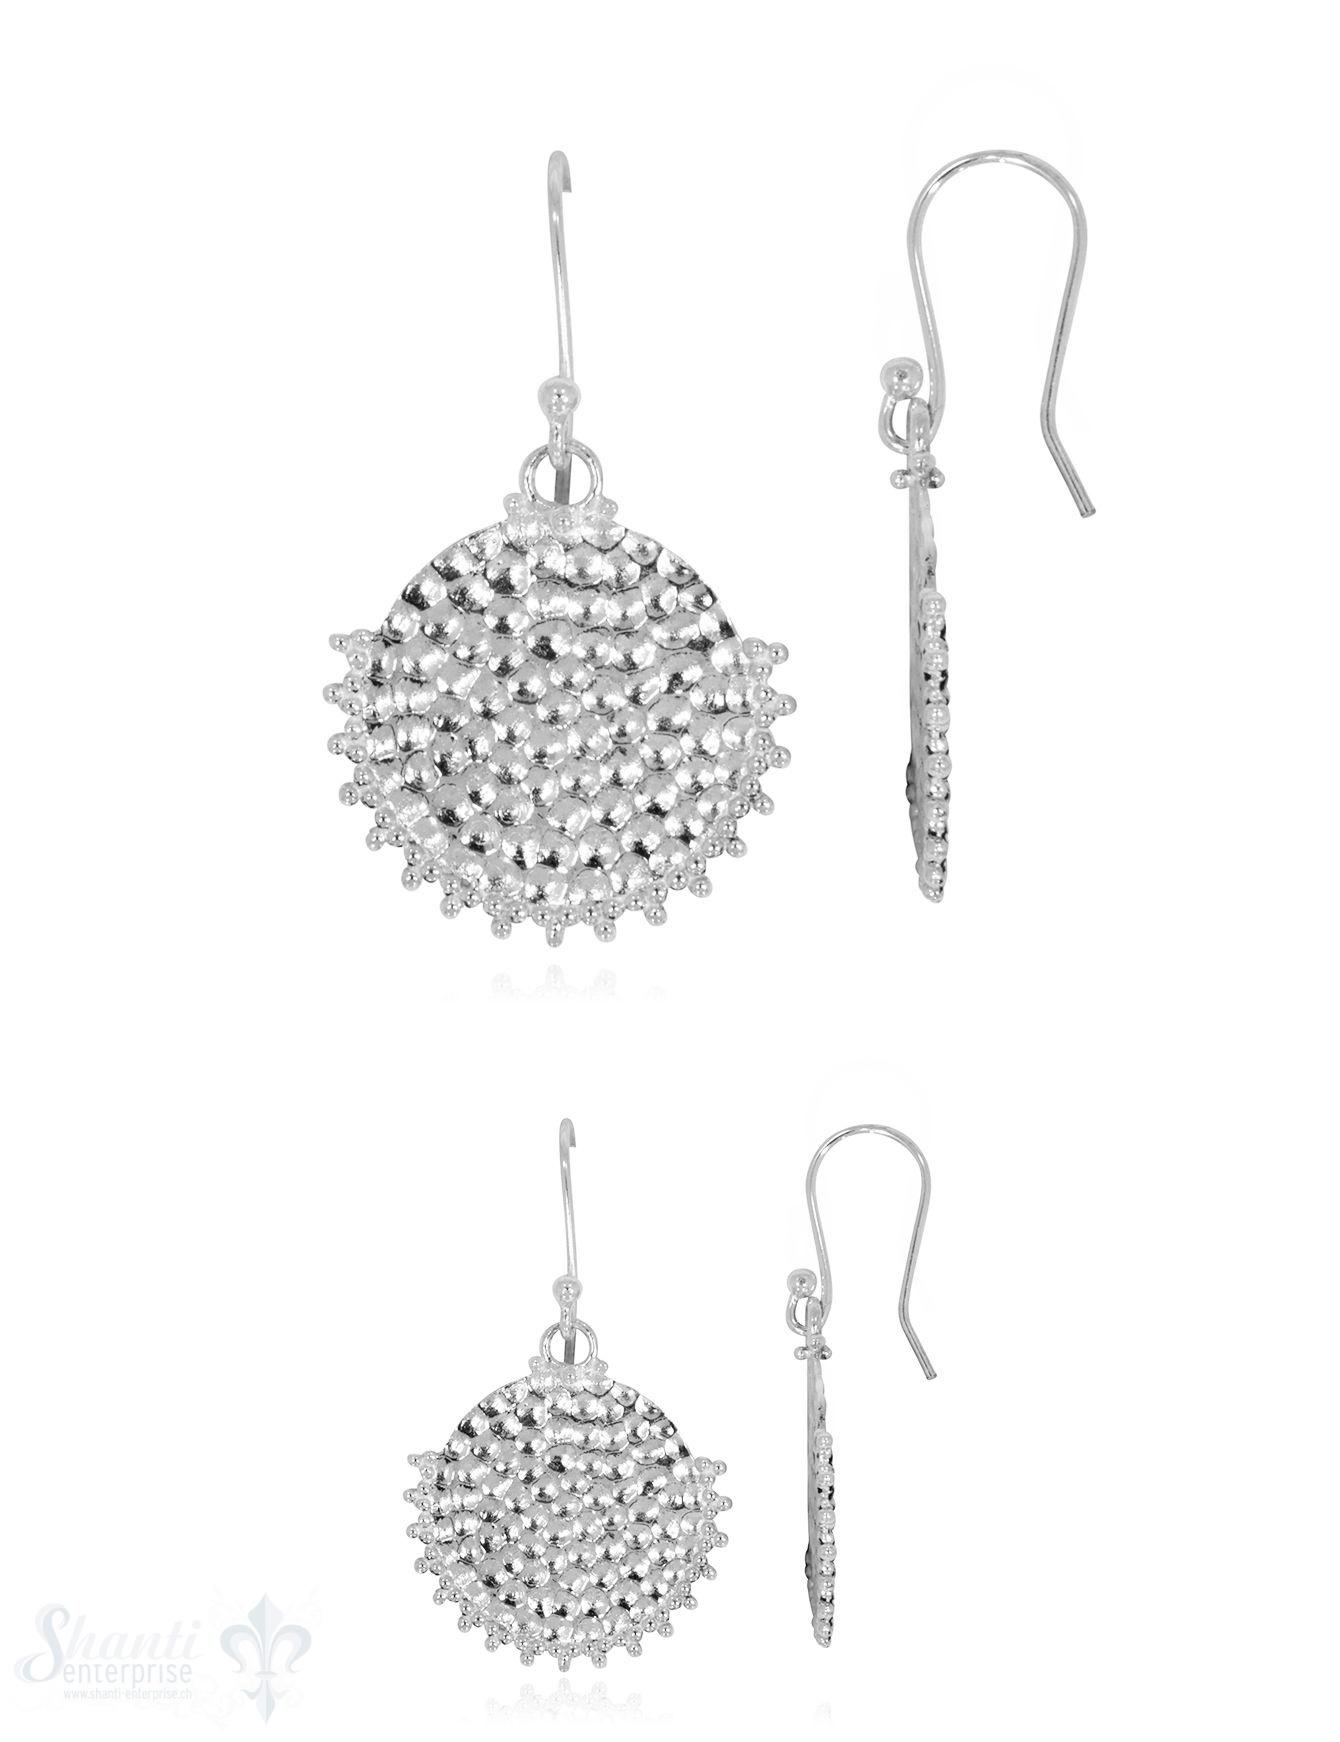 Ohrhänger Silber, hell, gehämmert unten verziert mit Bügel geschlossen